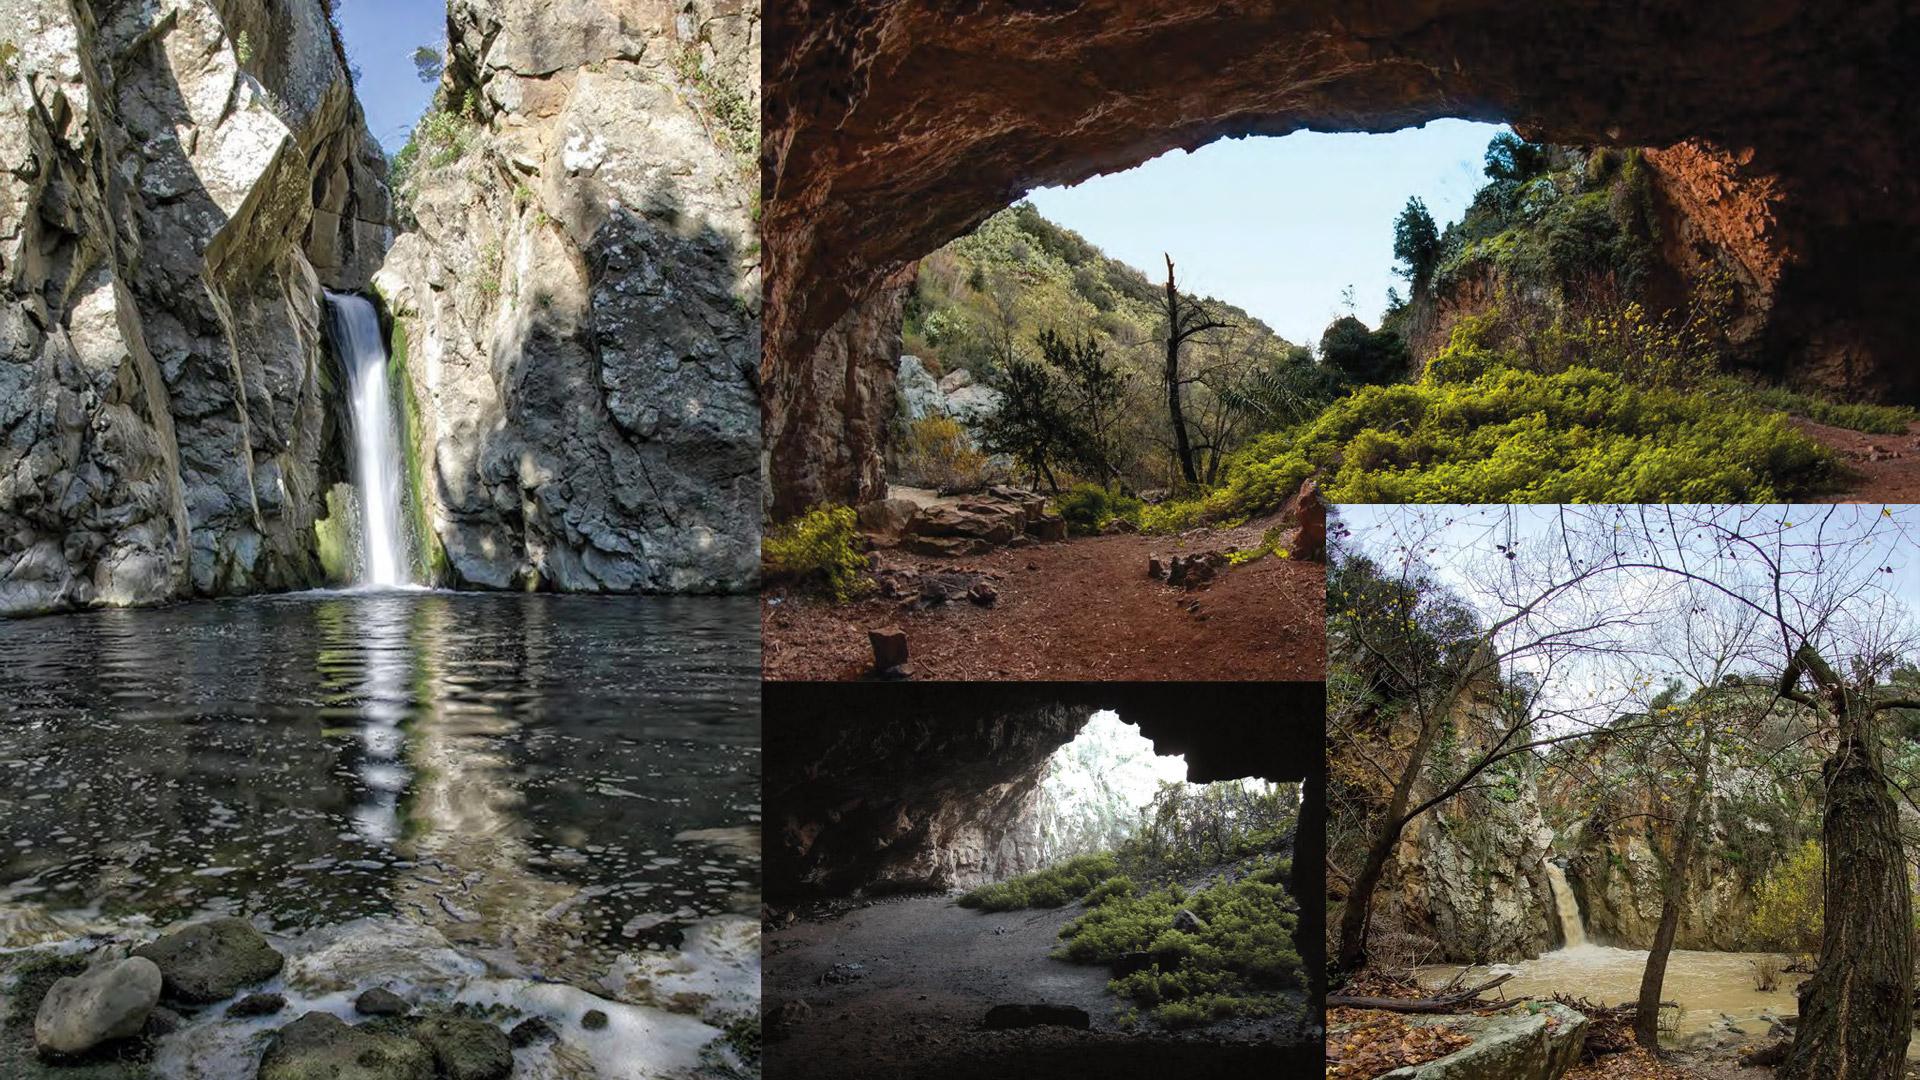 grotte-cascate-sanicola